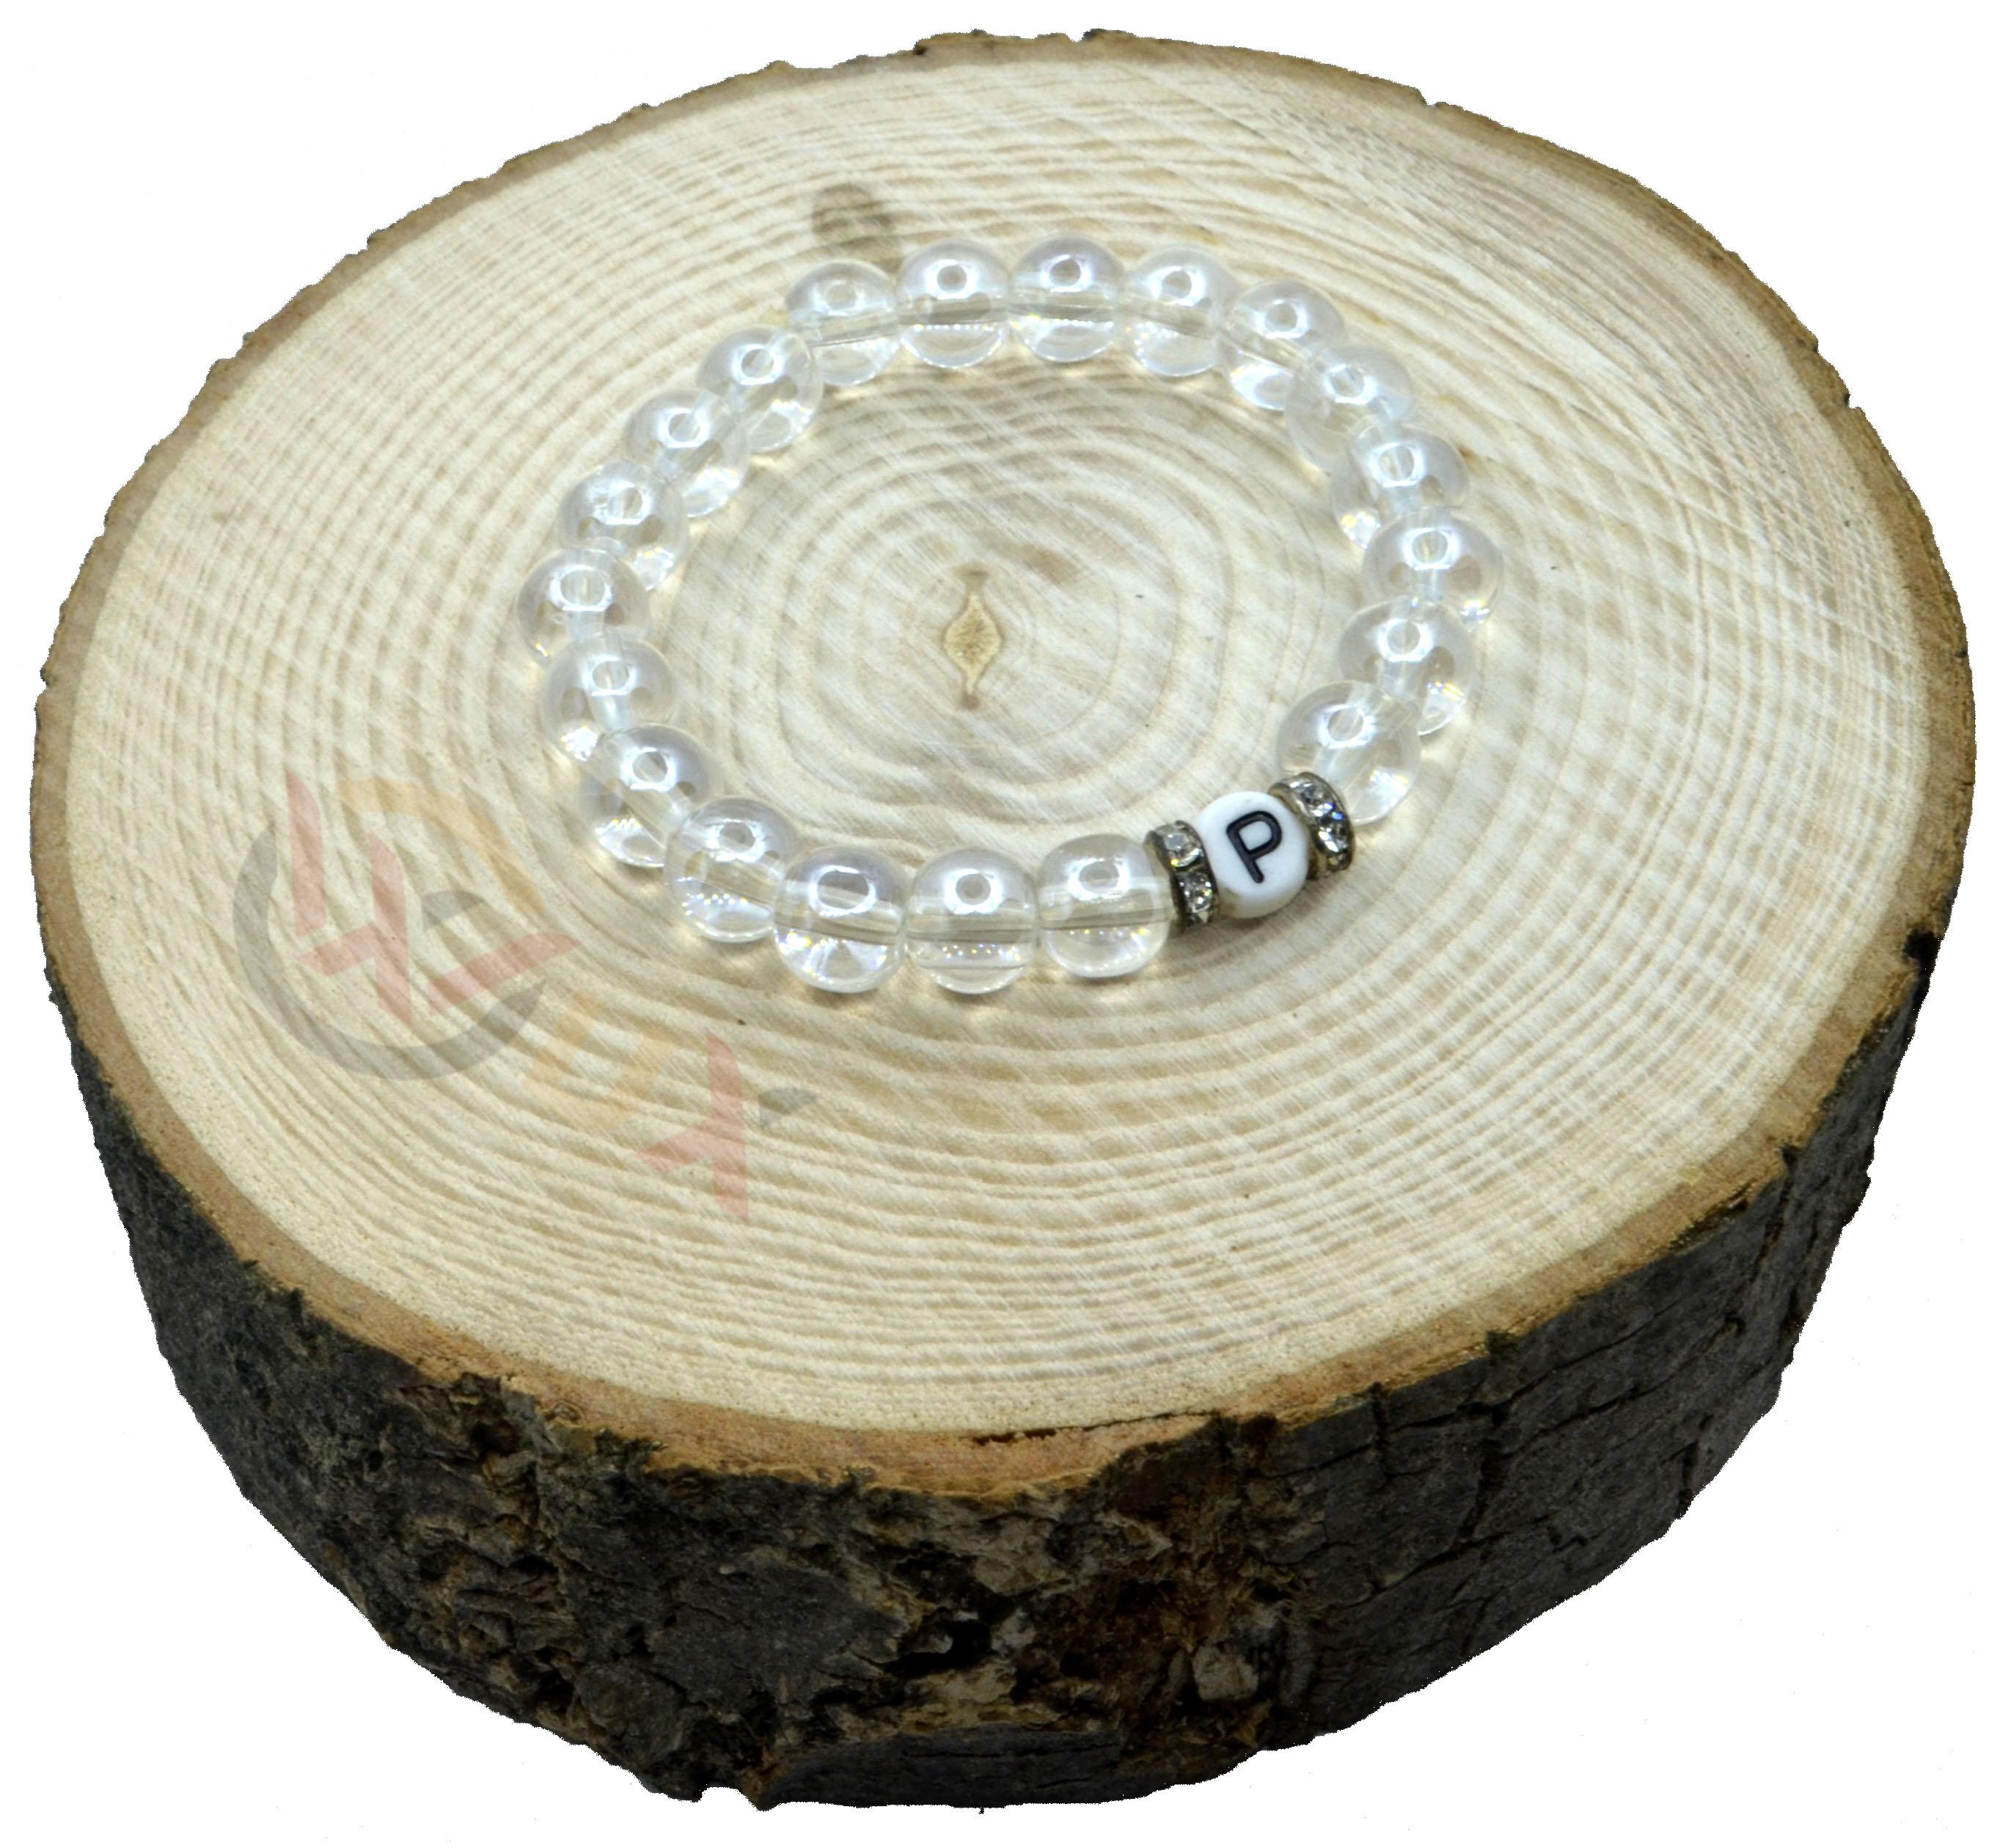 Náramek iniciály KŘIŠŤÁL čirý Dámský náramek, Bílé korálky